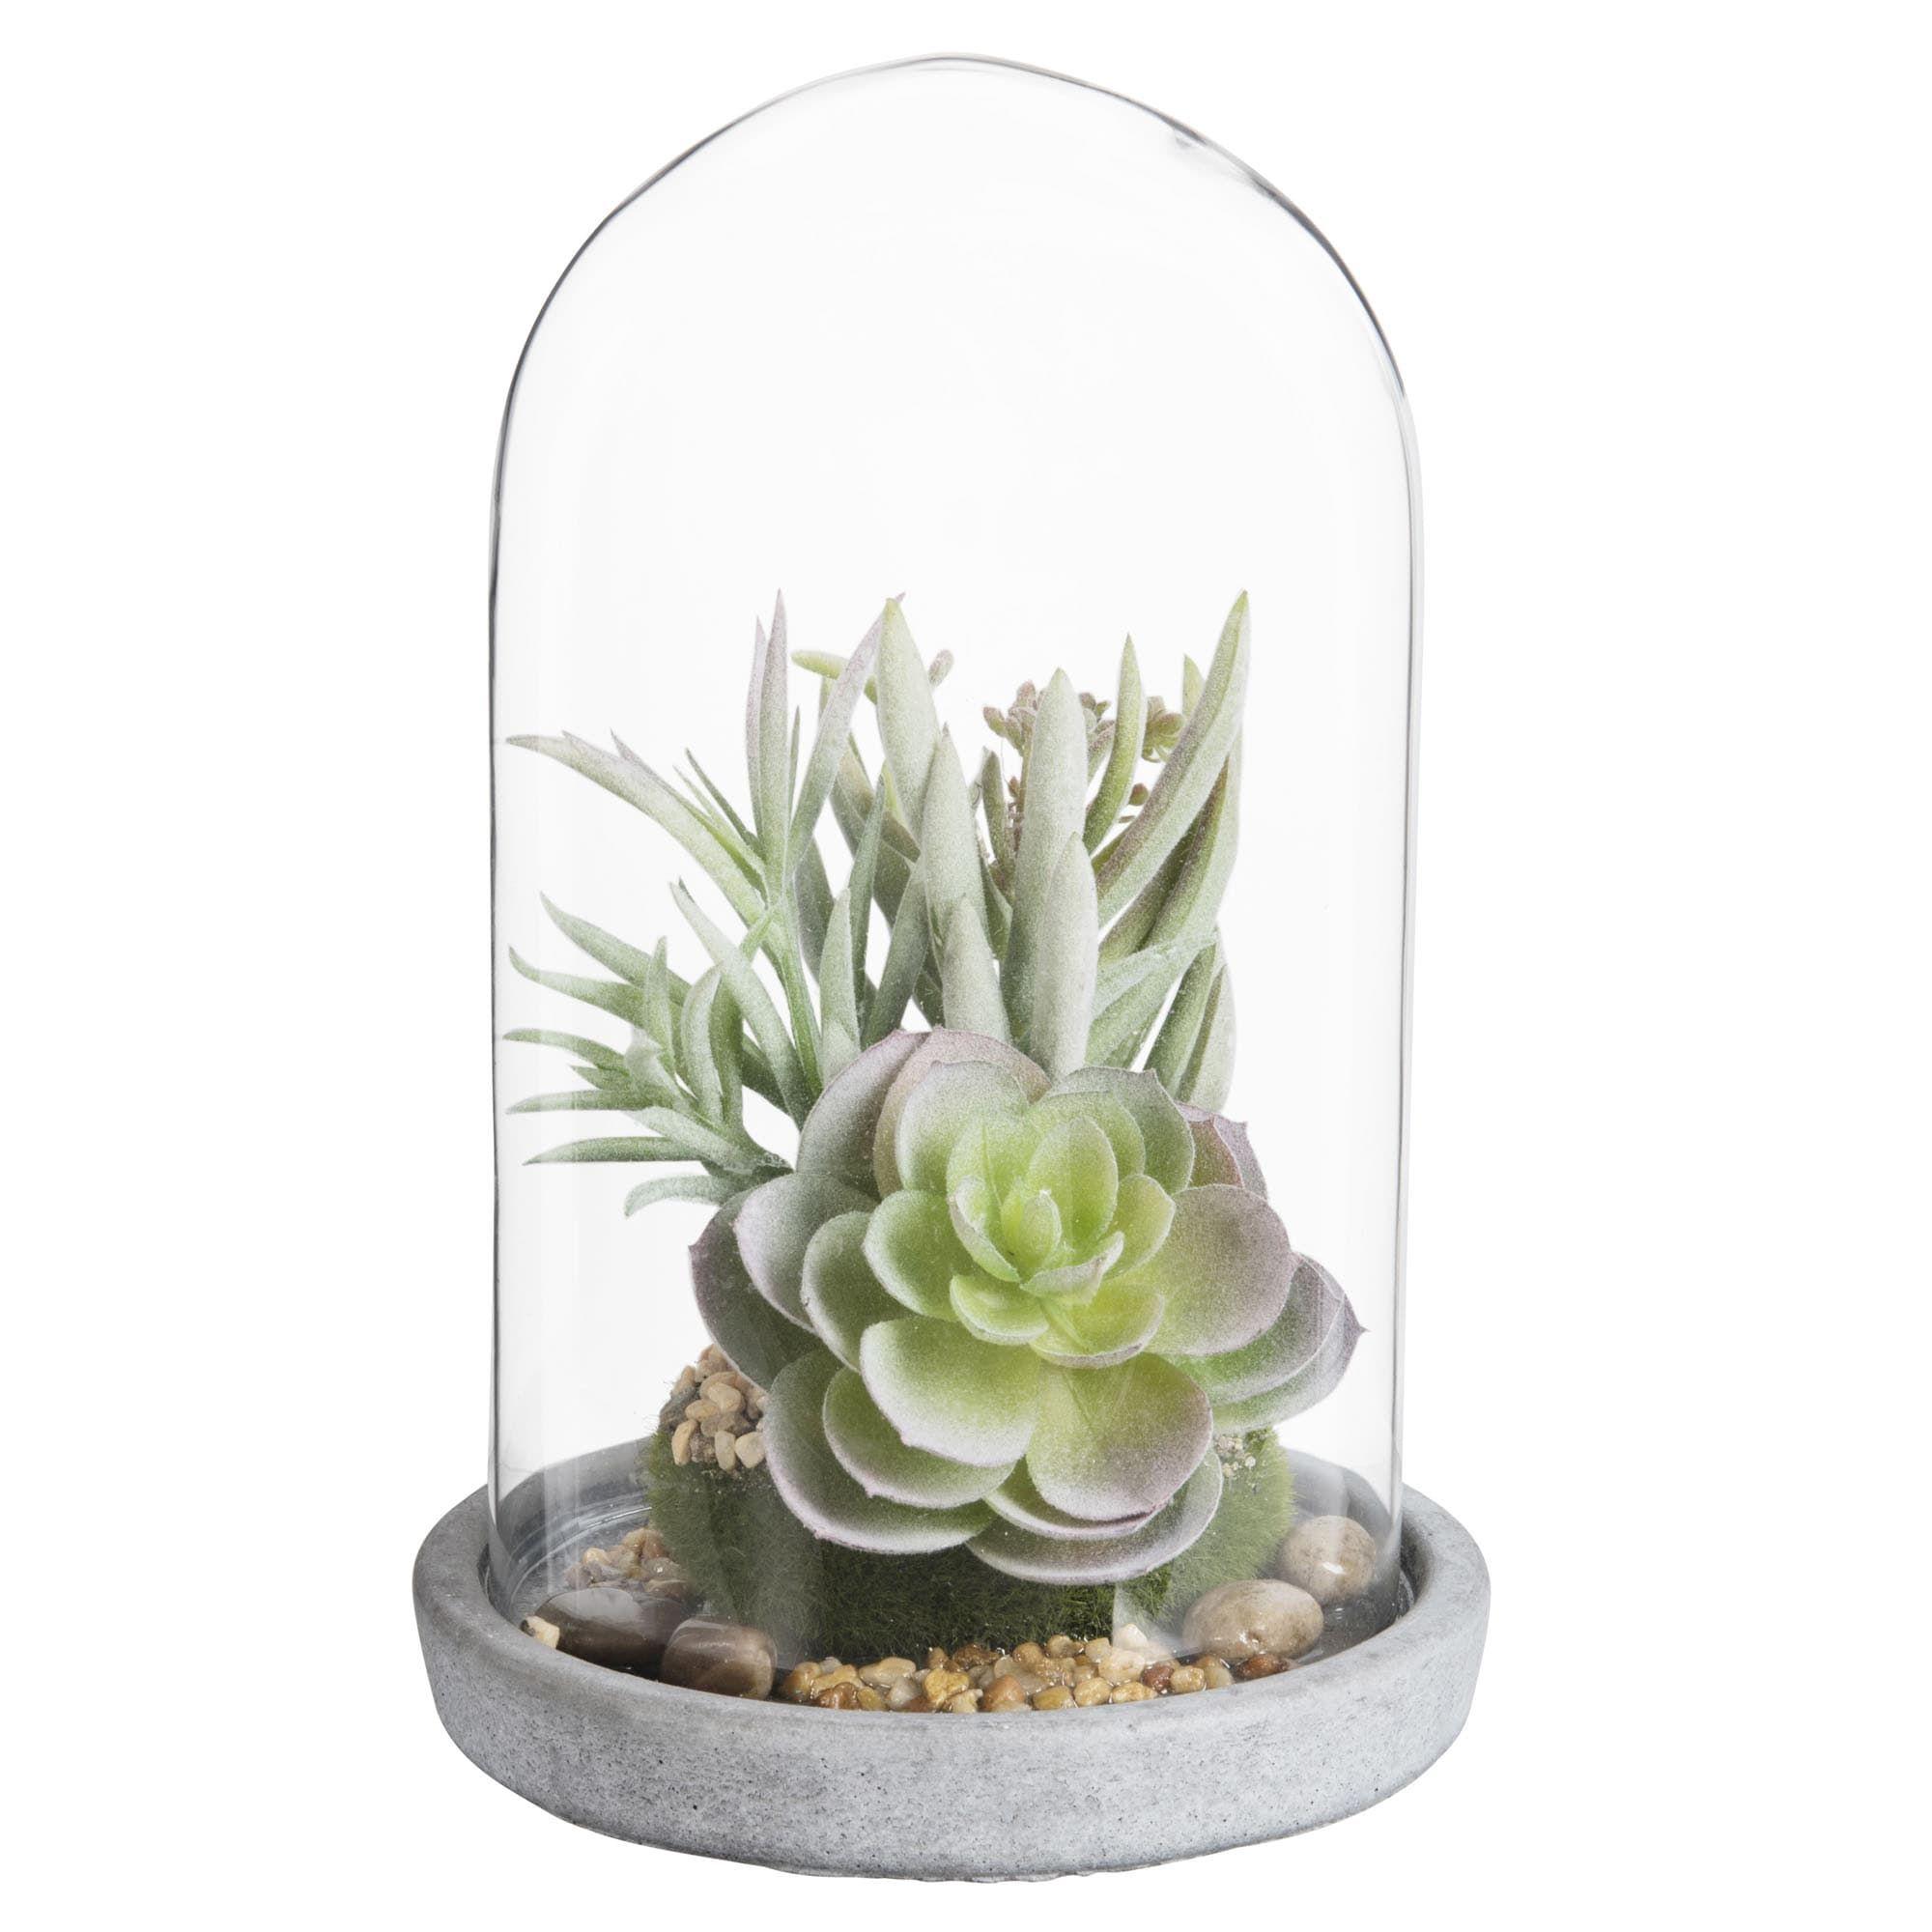 Que Mettre Sous Une Cloche En Verre objets déco | cloche en verre, plantes grasses artificielles